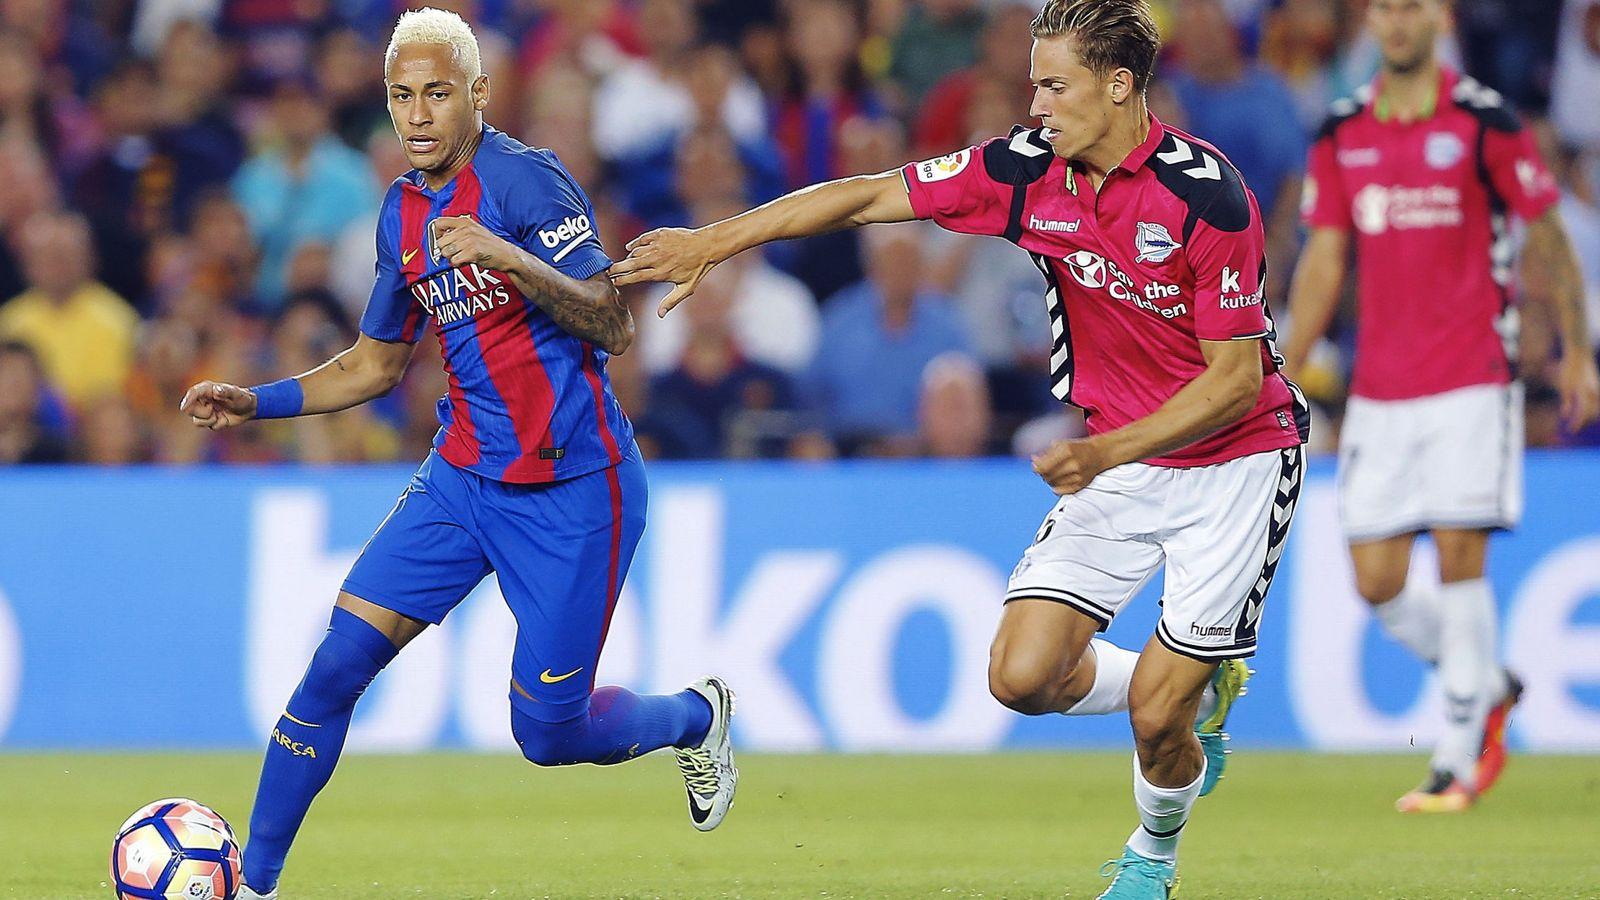 Foto: Marcos Llorente intenta frenar a Neymar durante el Barça-Alavés. (EFE)